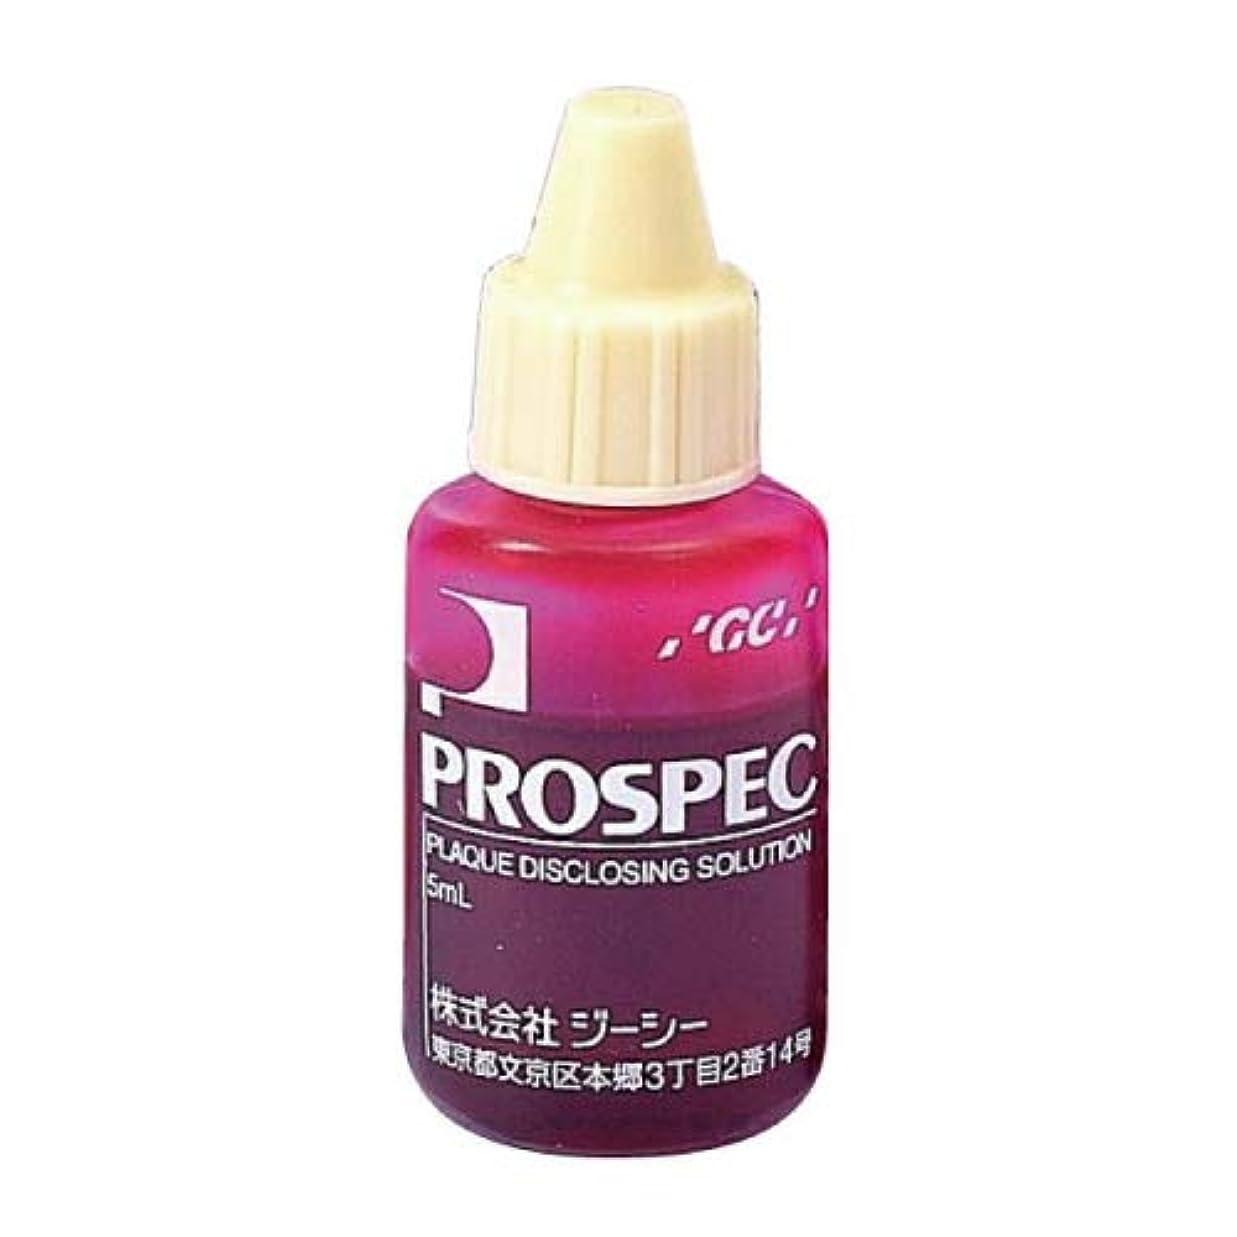 大陸中間最大限ジーシー GC プロスペック 歯垢染色液 5ml